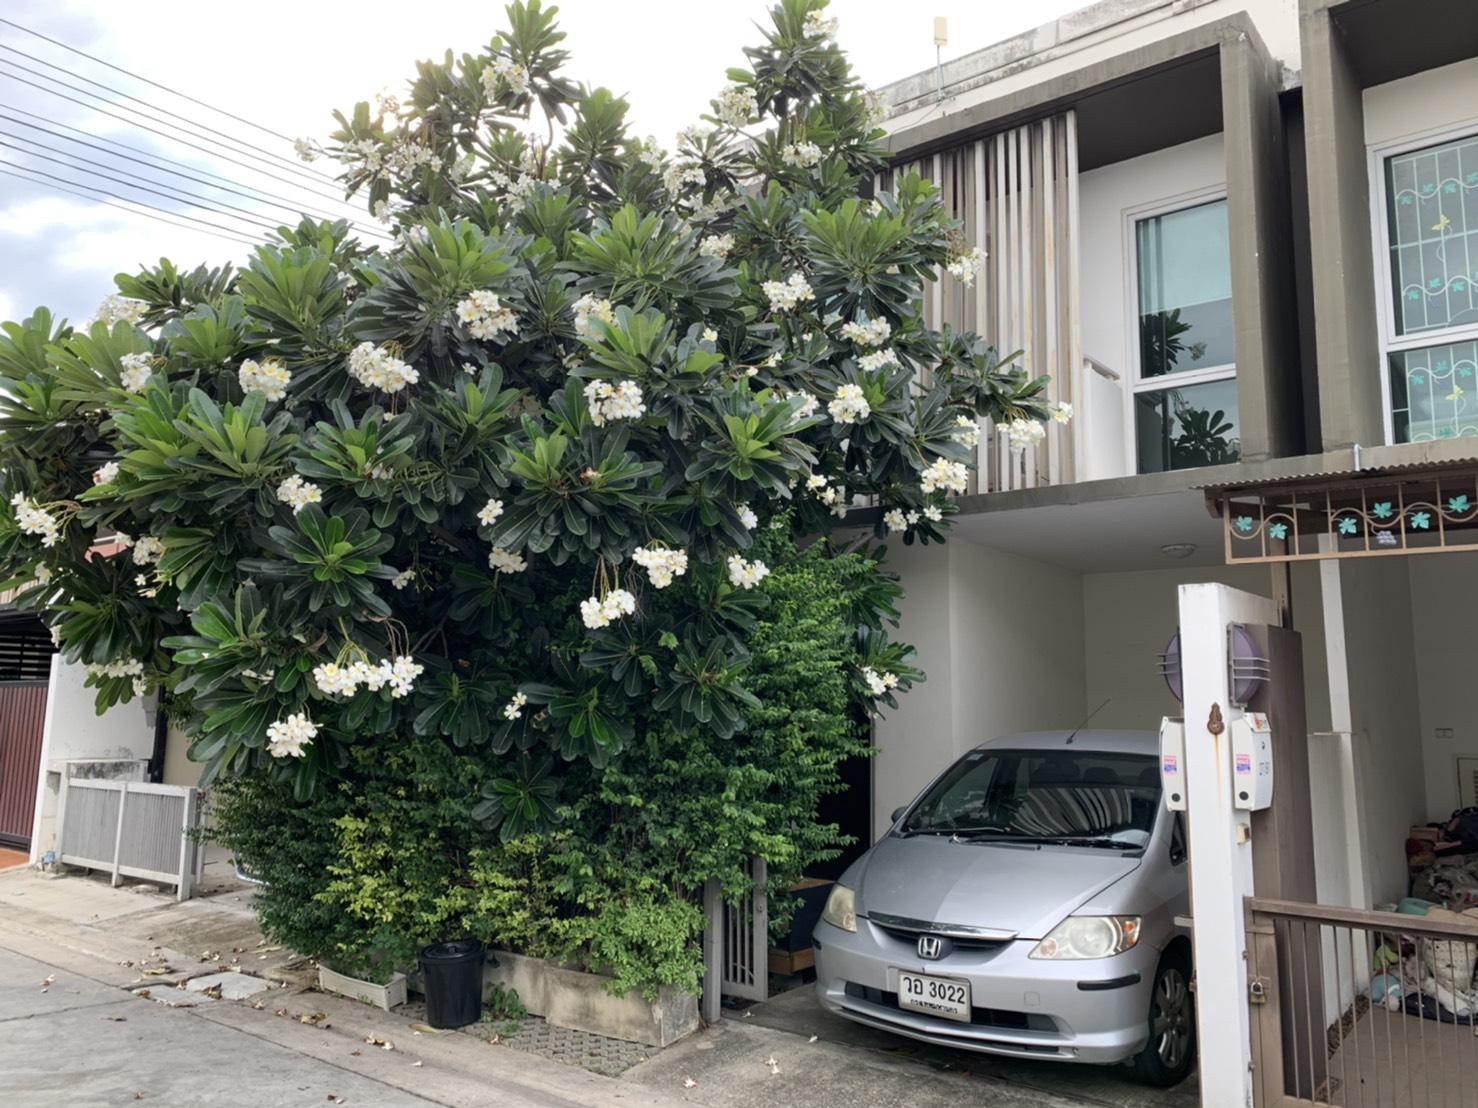 ขายทาวน์เฮ้าส์ 2 ชั้น บ้านสวย สงบร่มรื่น เขตคันนายาว กรุงเทพฯ